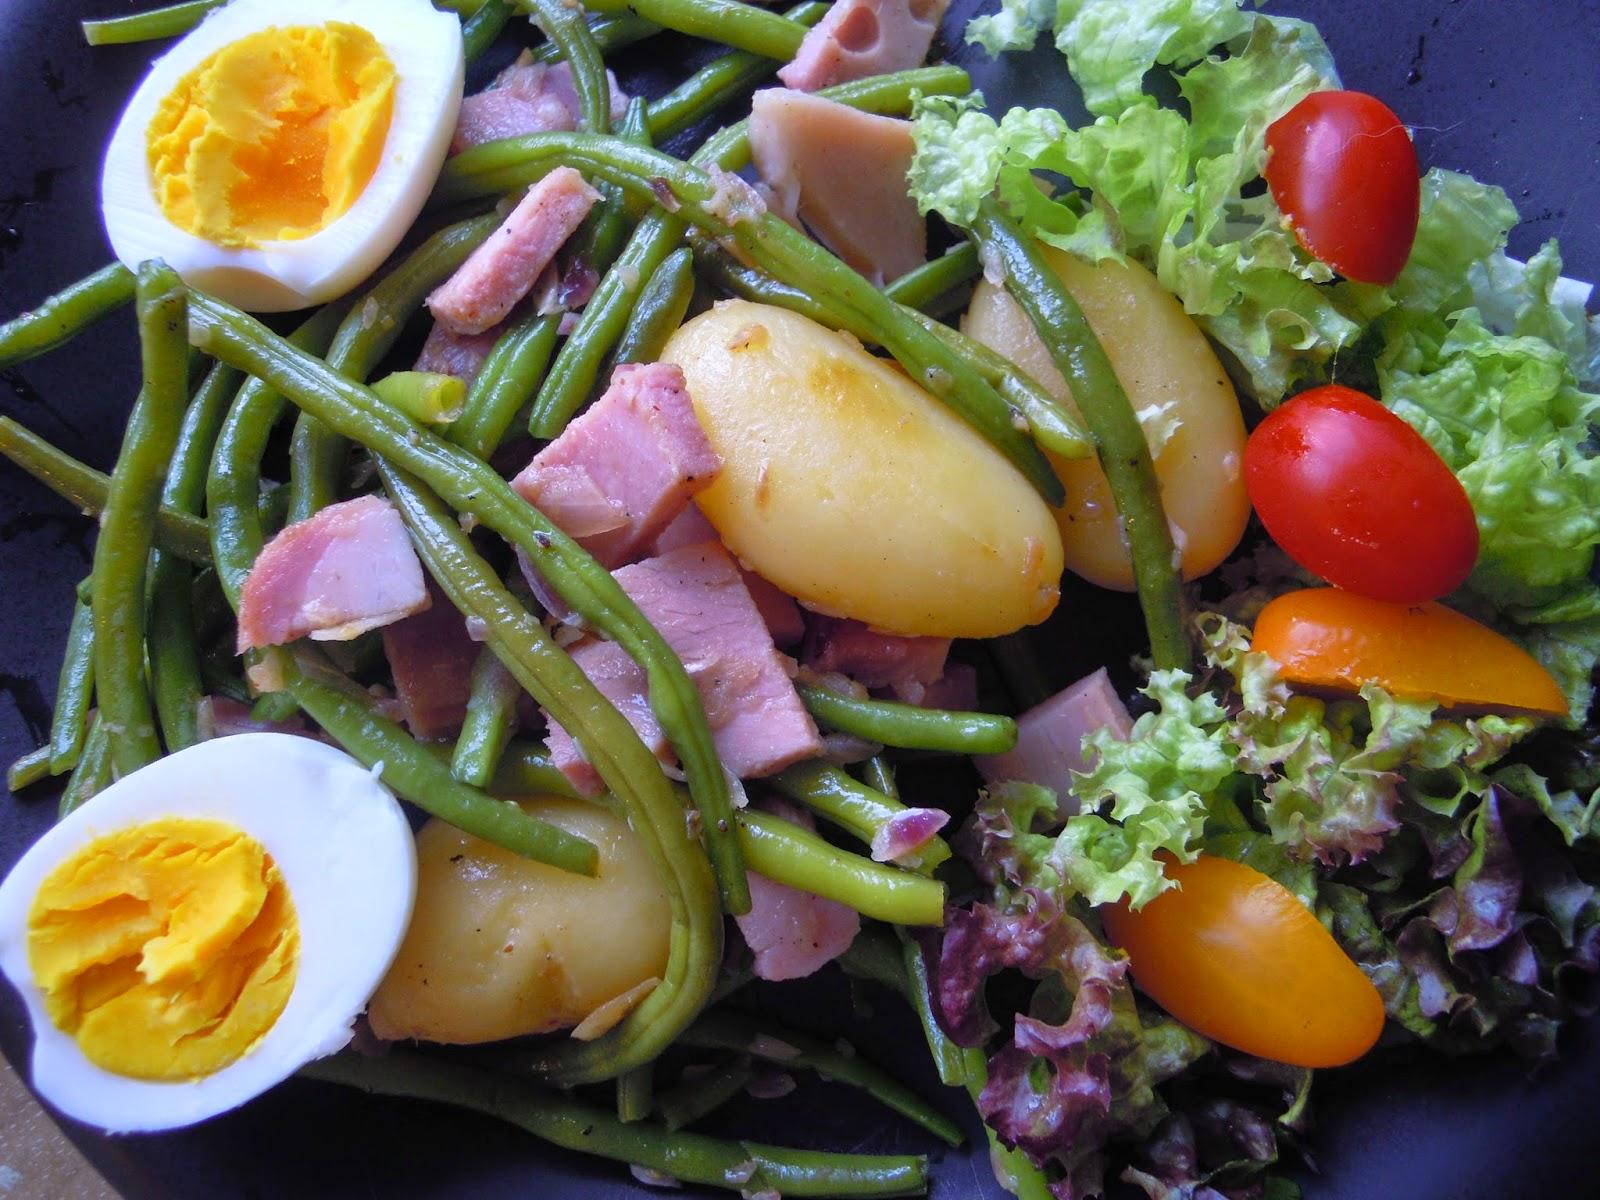 superlekkere boontjessalade met hesp, makkelijk en snel klaar